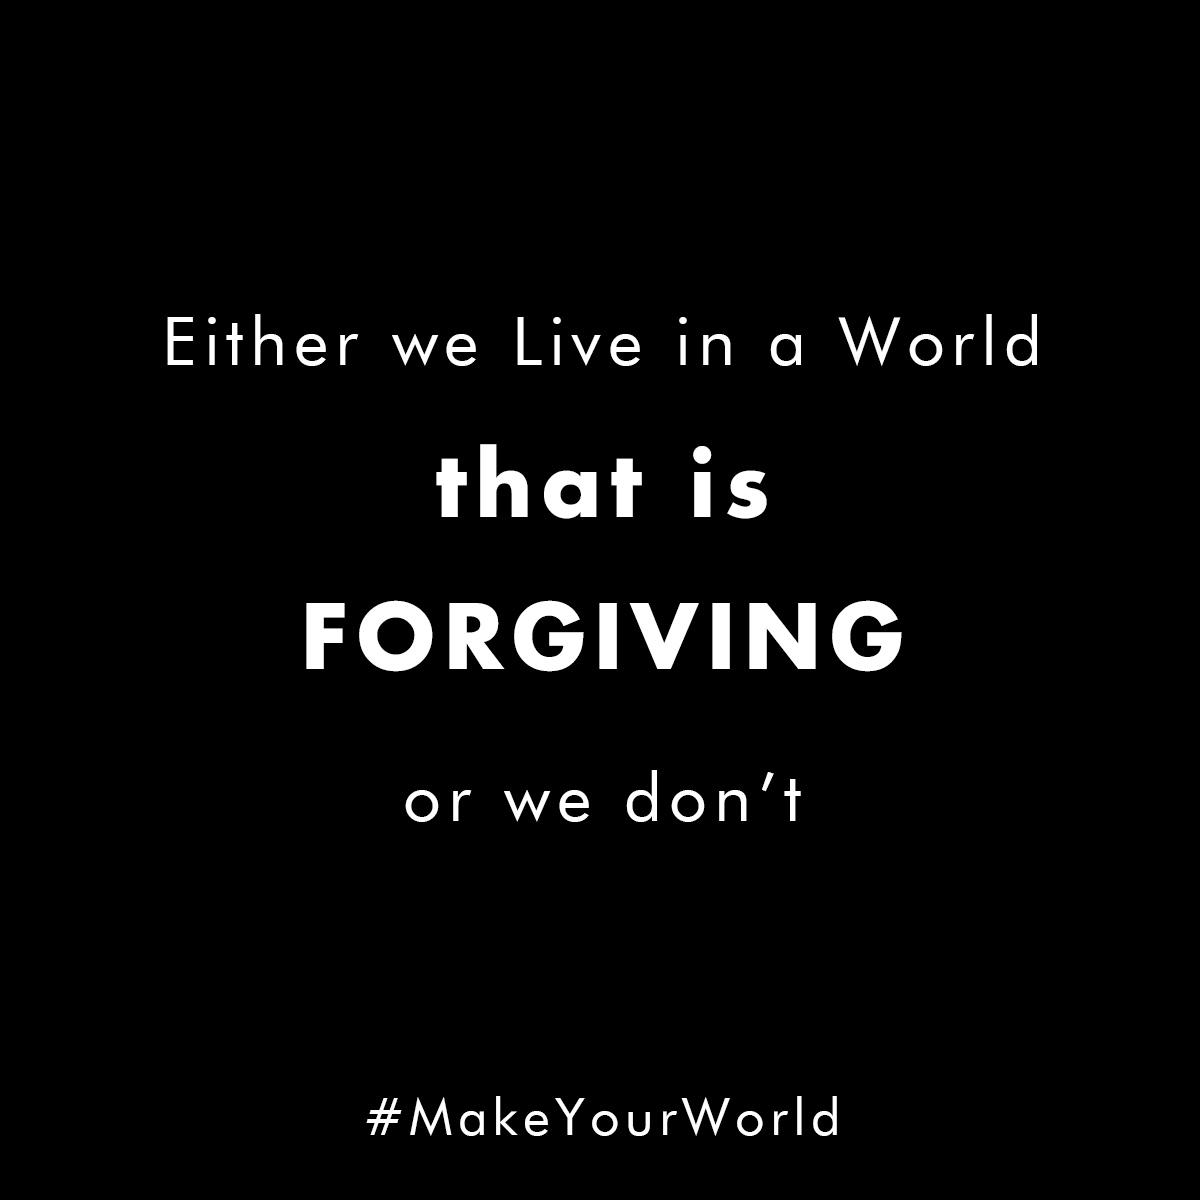 myw-11-forgiving